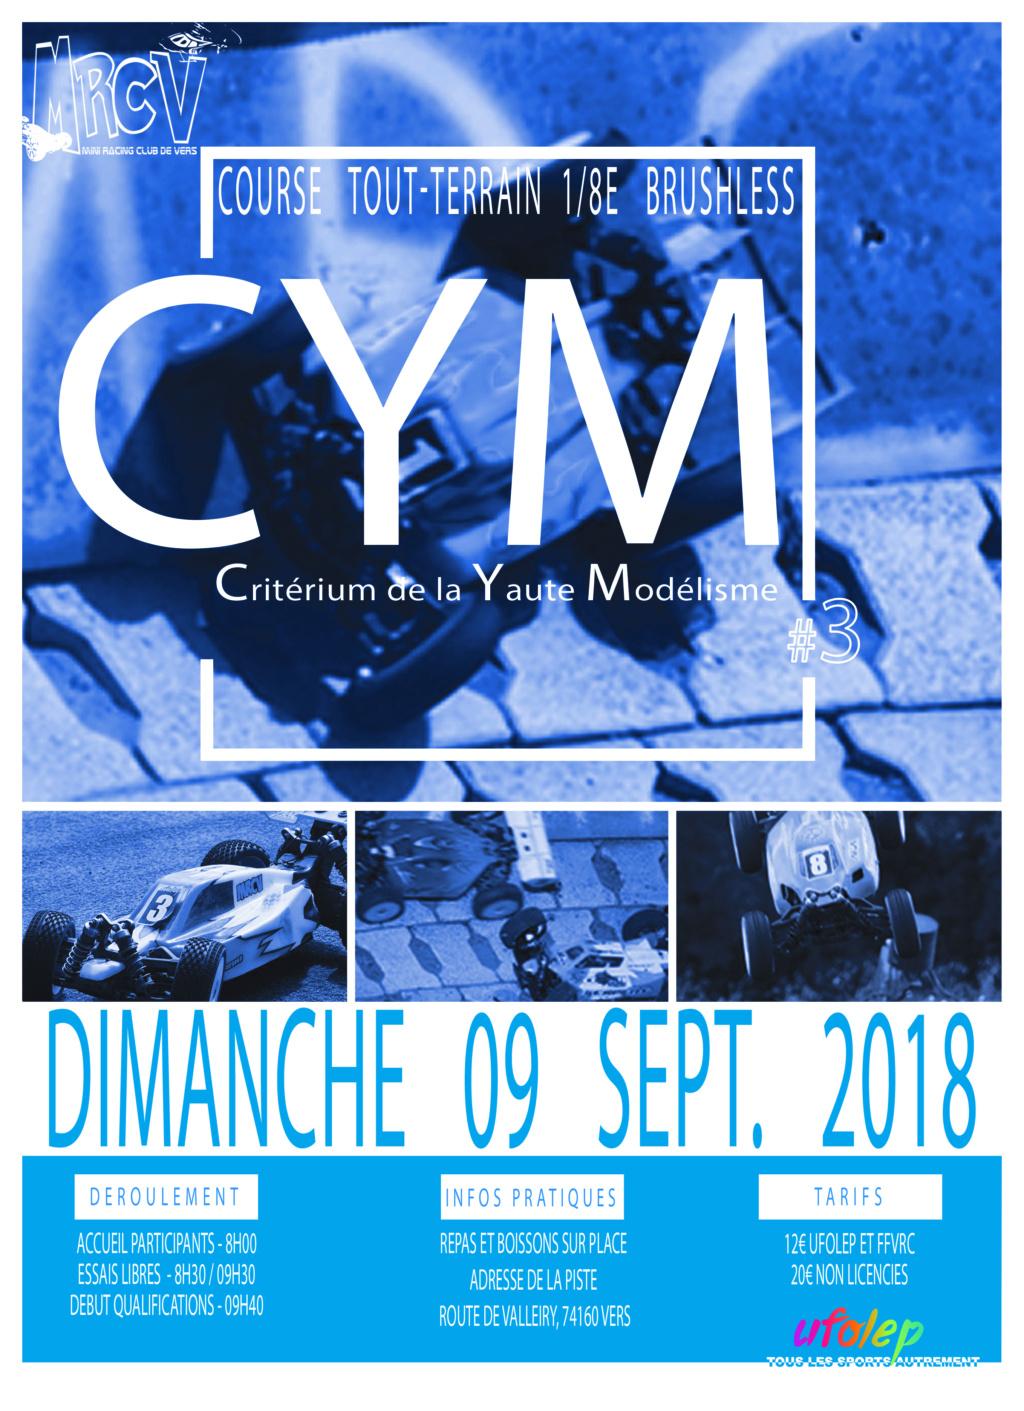 CYM 3ème manche au MRCV : TT 1/8 Bl dimanche 9 Septembre - Page 2 2018-311